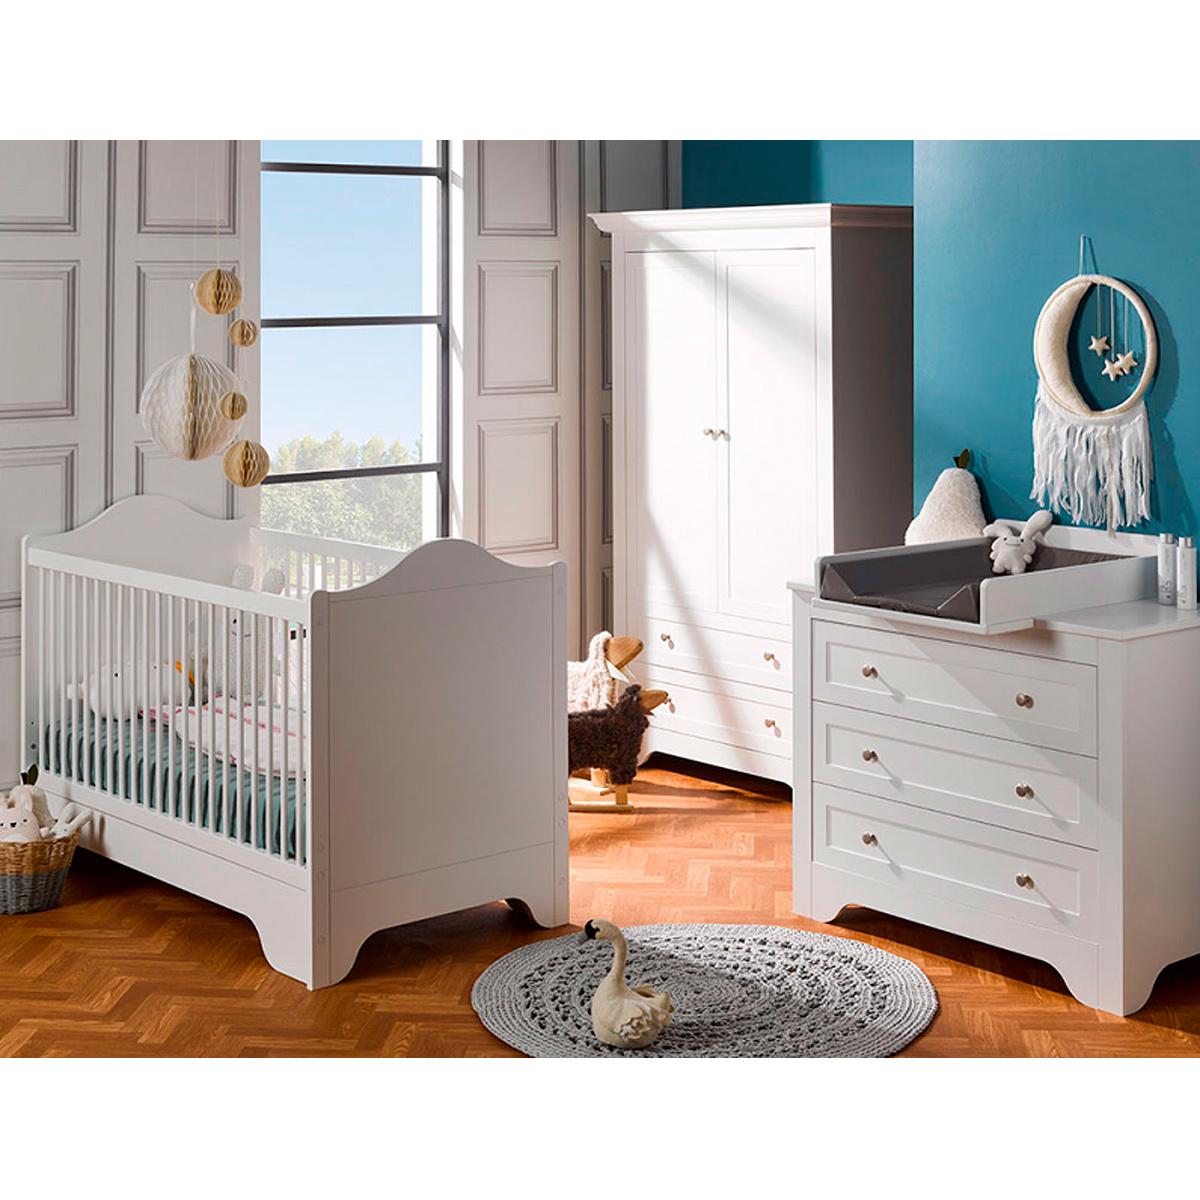 Ambiance Chambre Bebe à chambre complète lit évolutif 70x140 - commode à langer - armoire